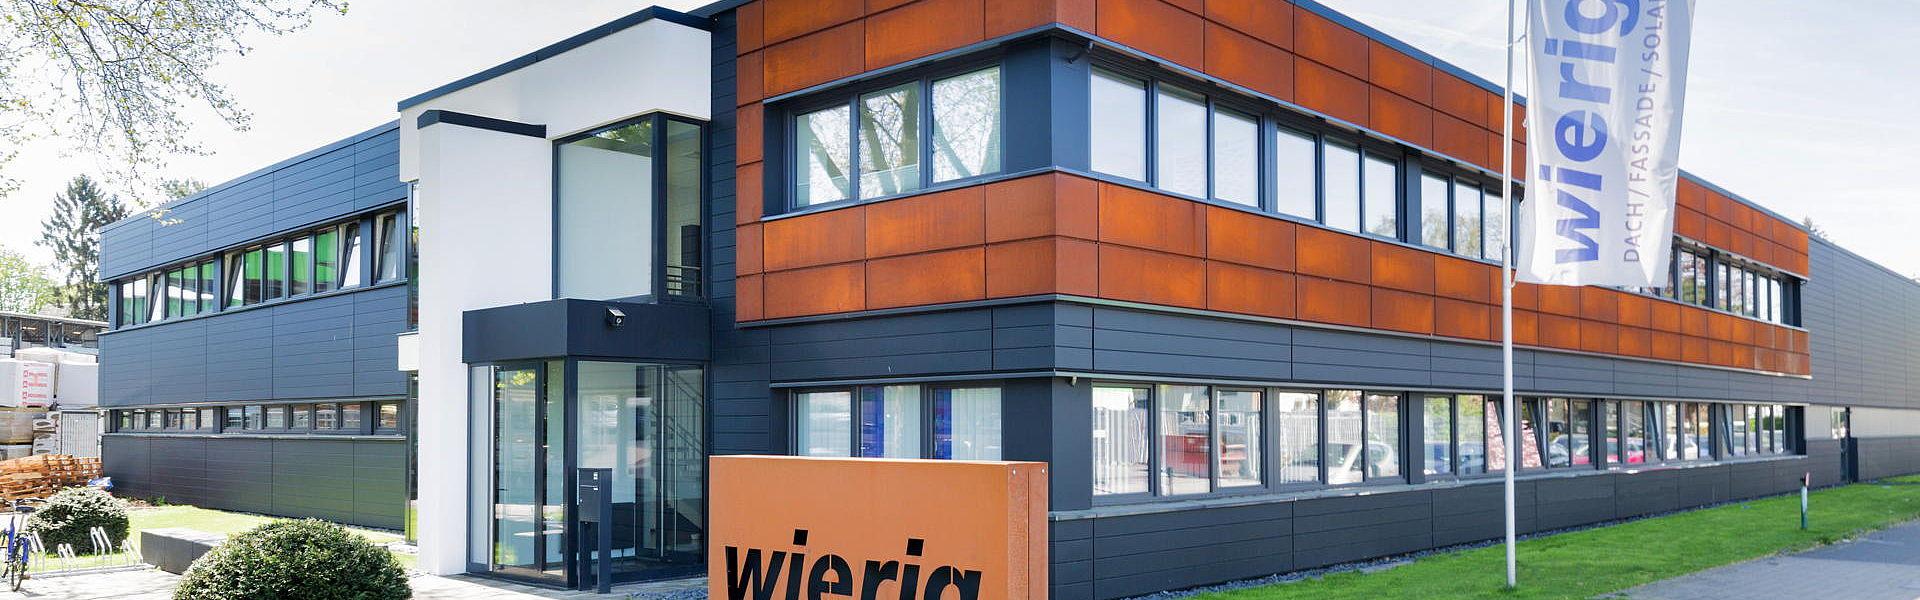 Wierig GmbH Dach und Fassade, Zentrale.